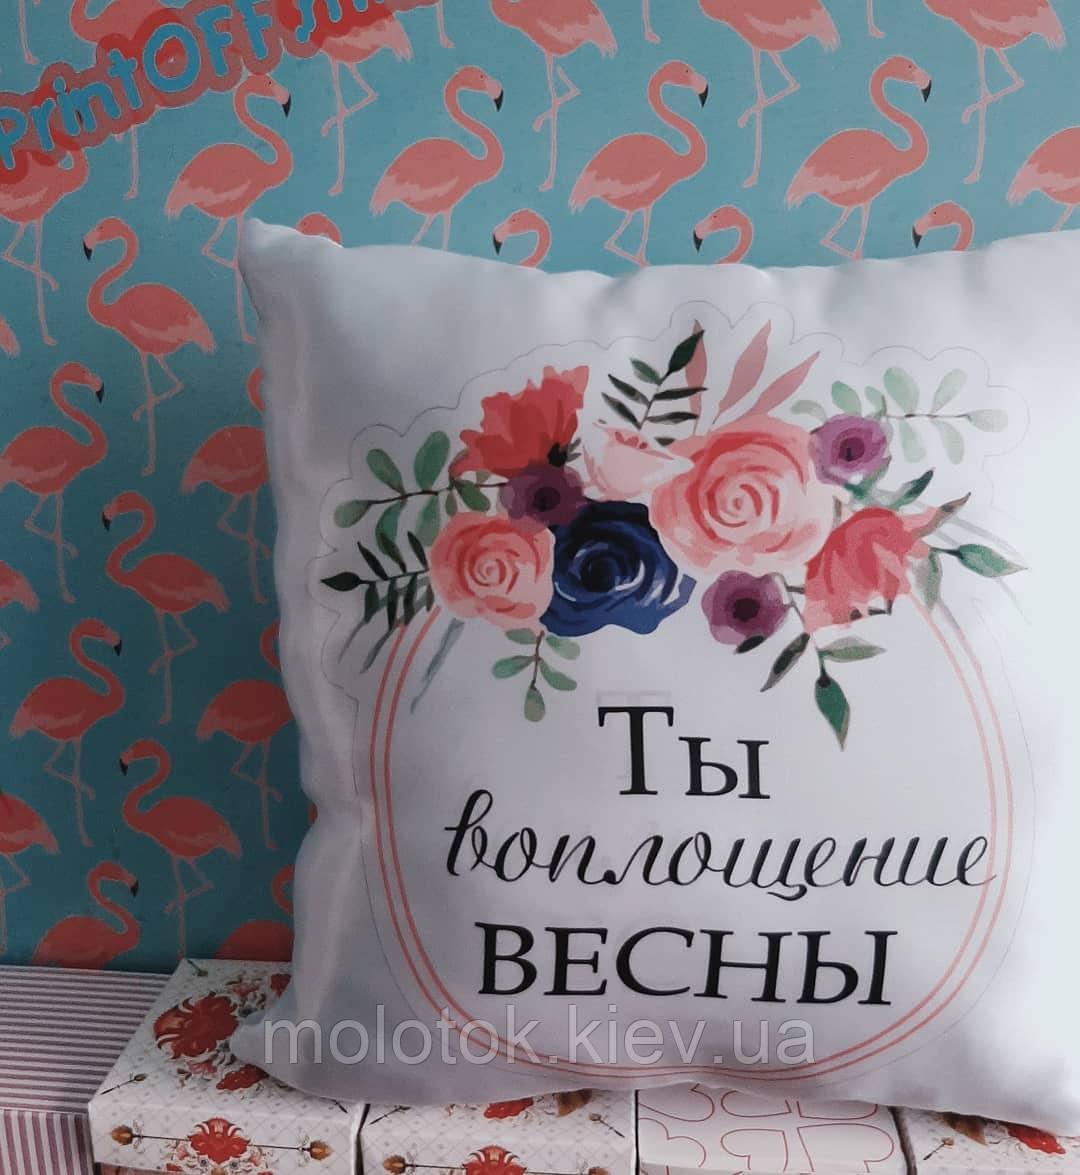 Подушка ты воплощение весны.